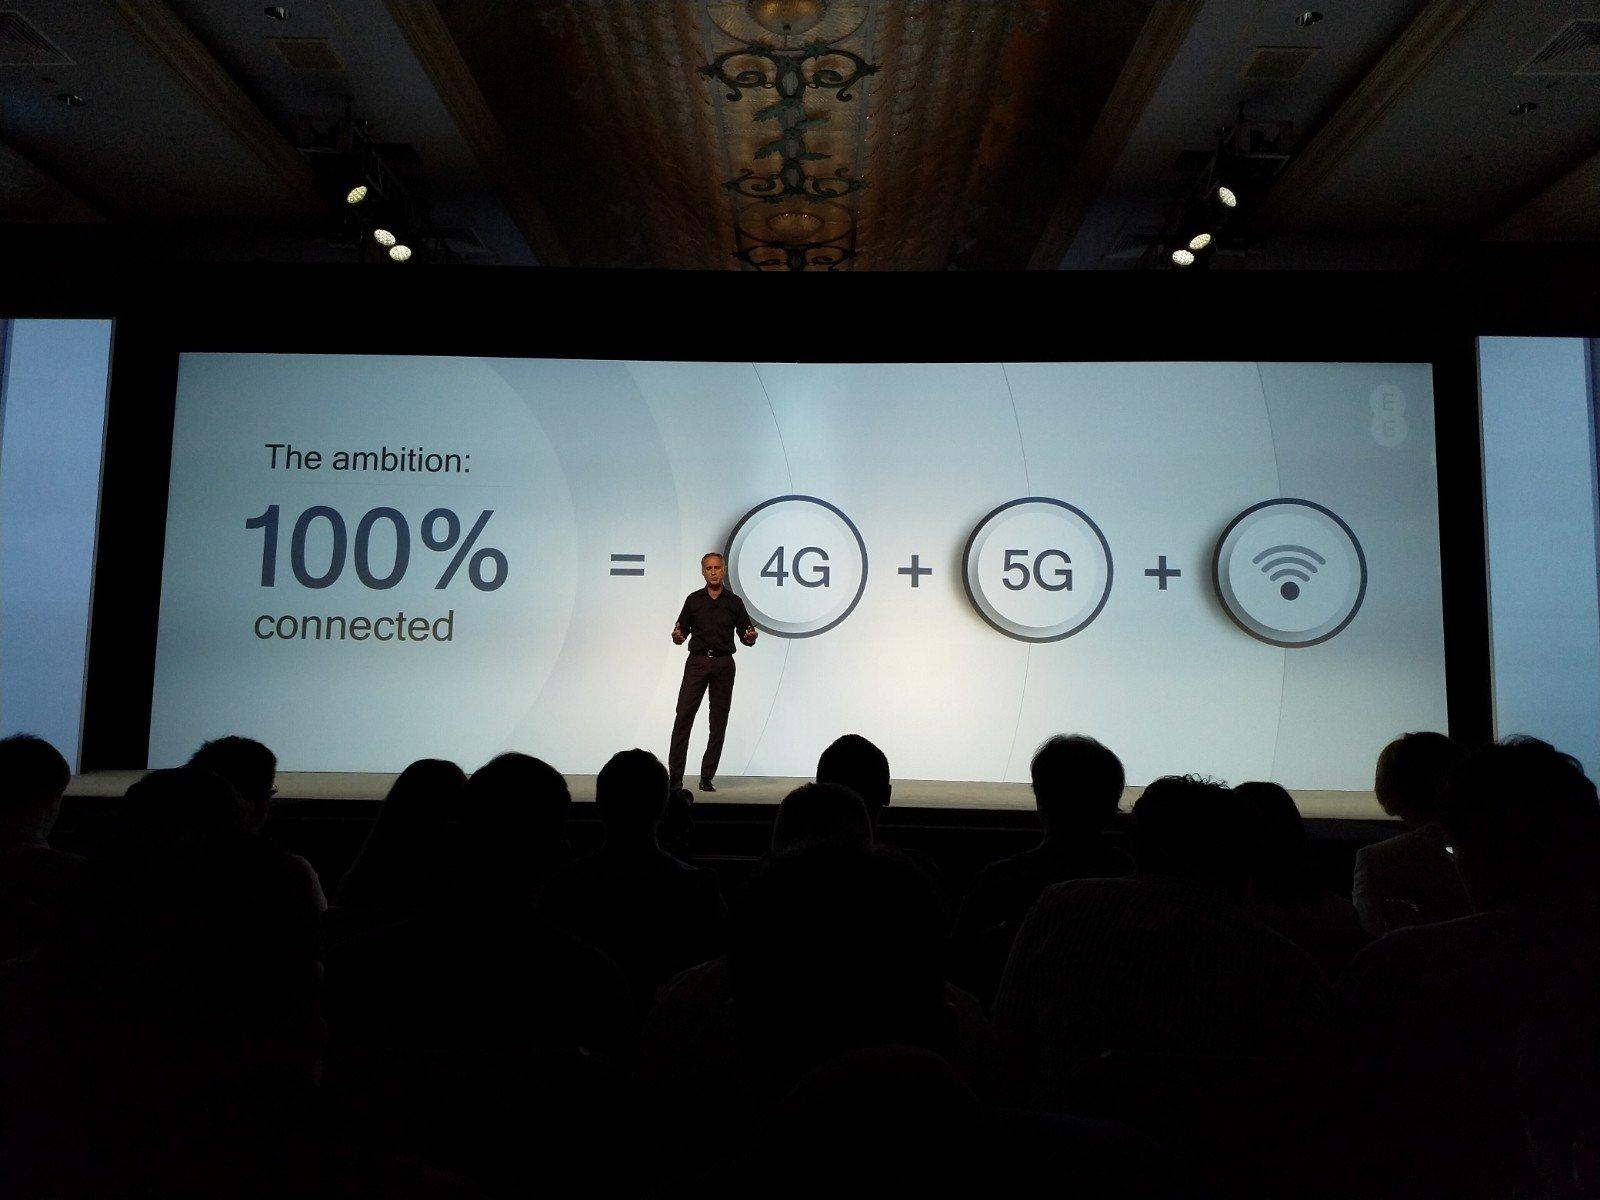 4G ve 5G'nin gücü birleşiyor, wifi hızı 10Gbps oluyor!